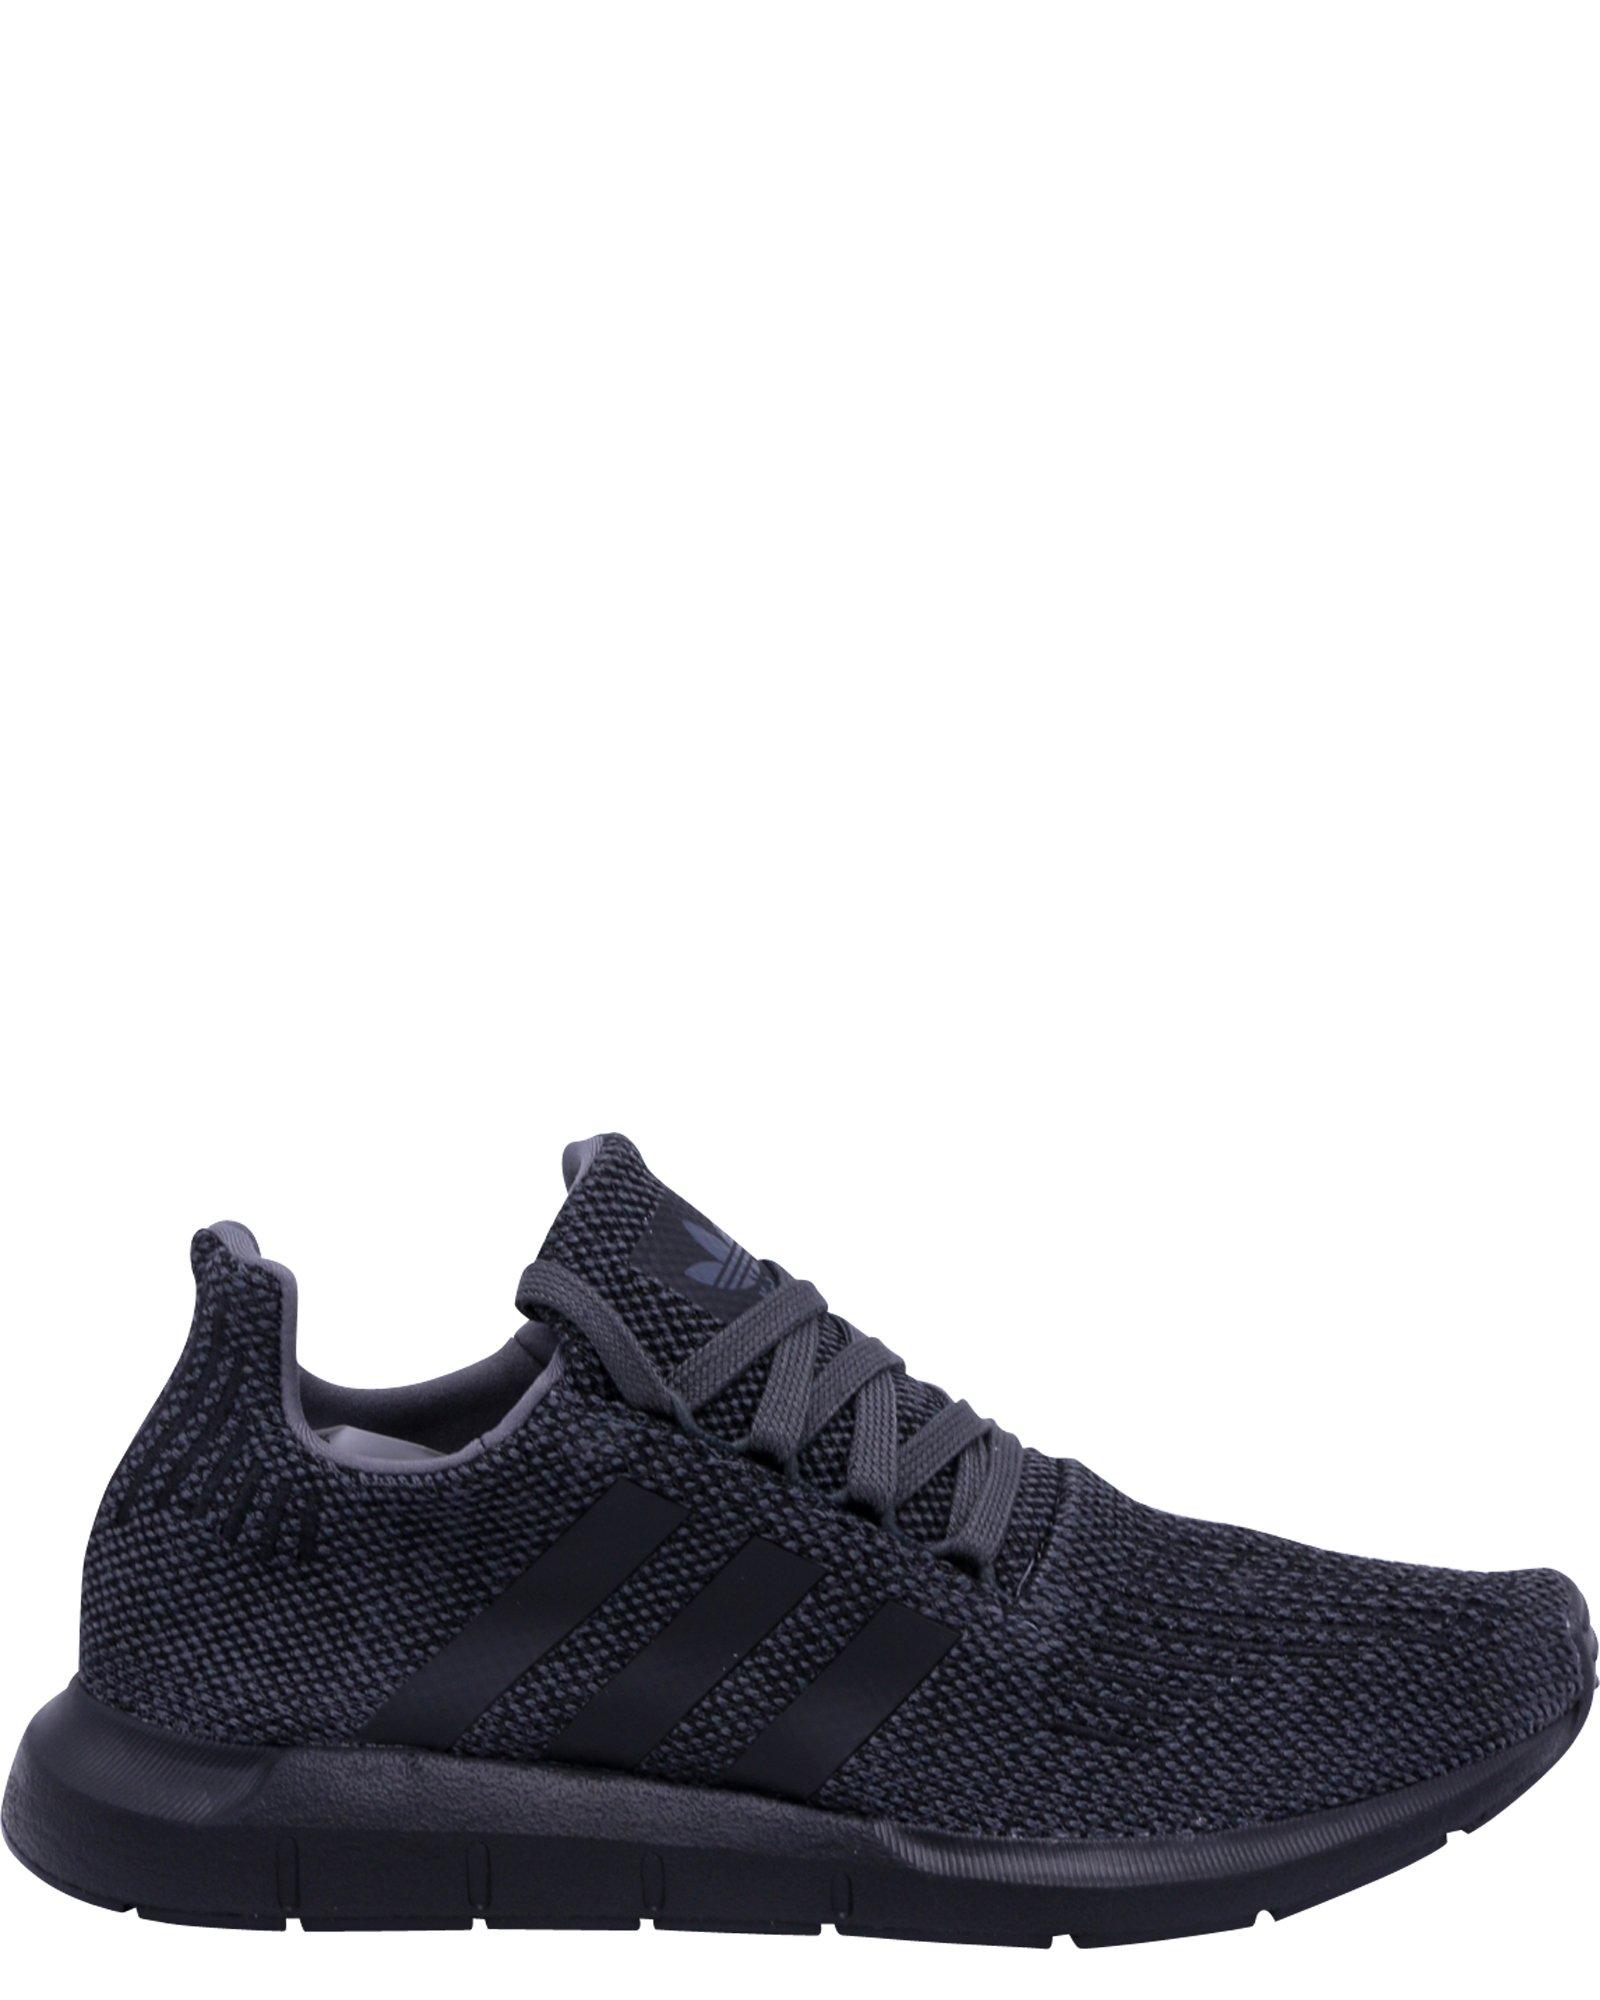 adidas Originals Kids Boy's Swift Run (Big Kid) Grey/Black/Black 5.5 M US Big Kid